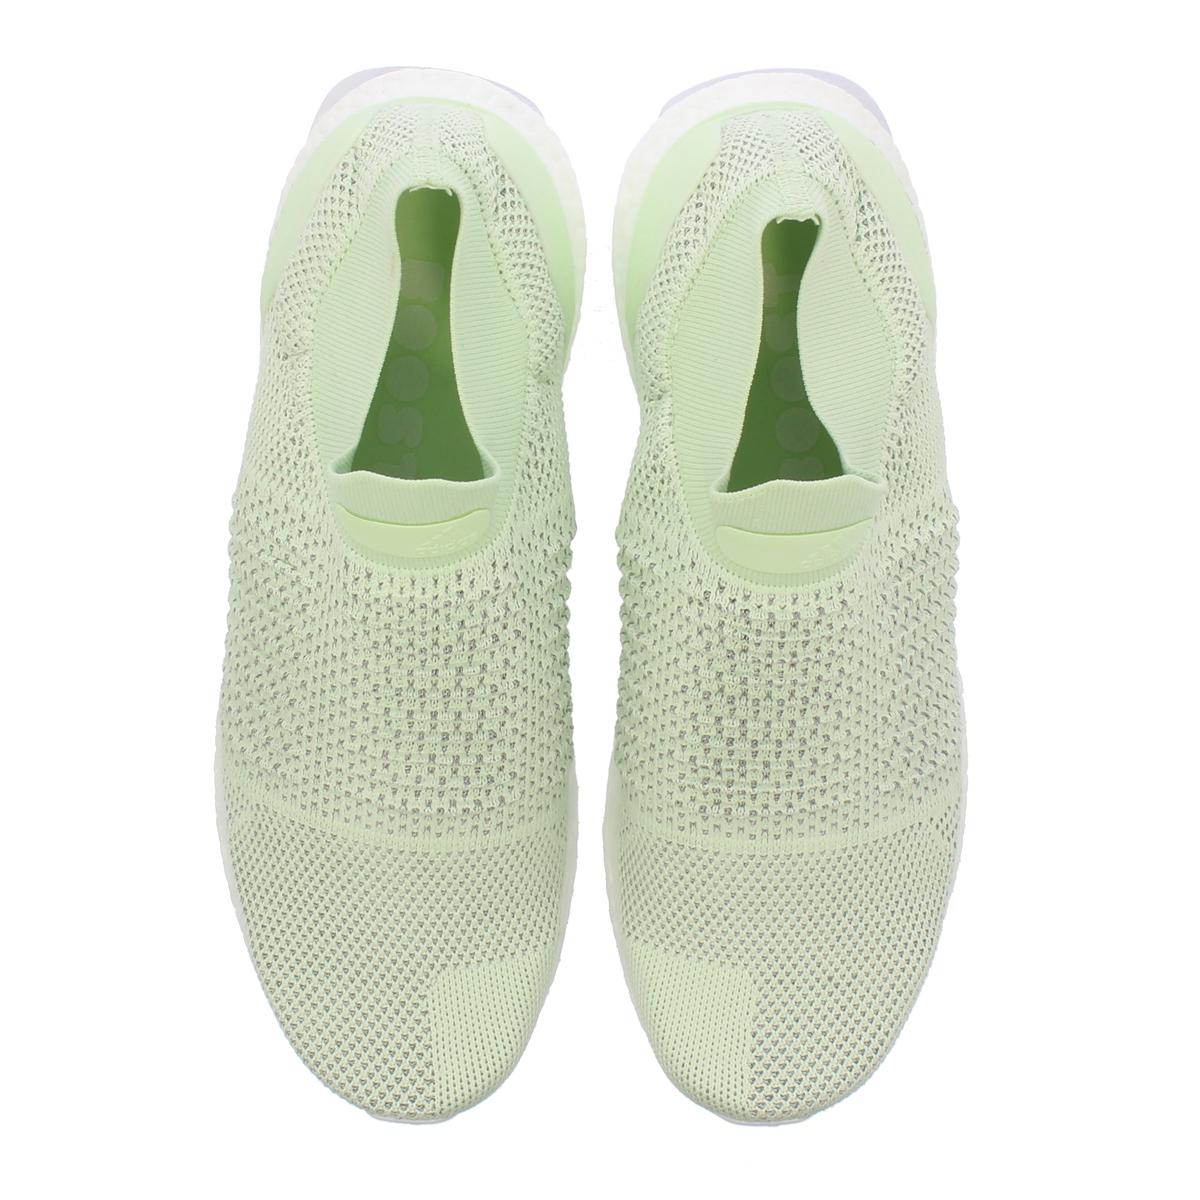 61b0607d1f9fb adidas UltraBOOST LACELESS LTD Adidas ultra boost raceless LTD ASH GREEN AERO  GREEN RUNNING WHITE